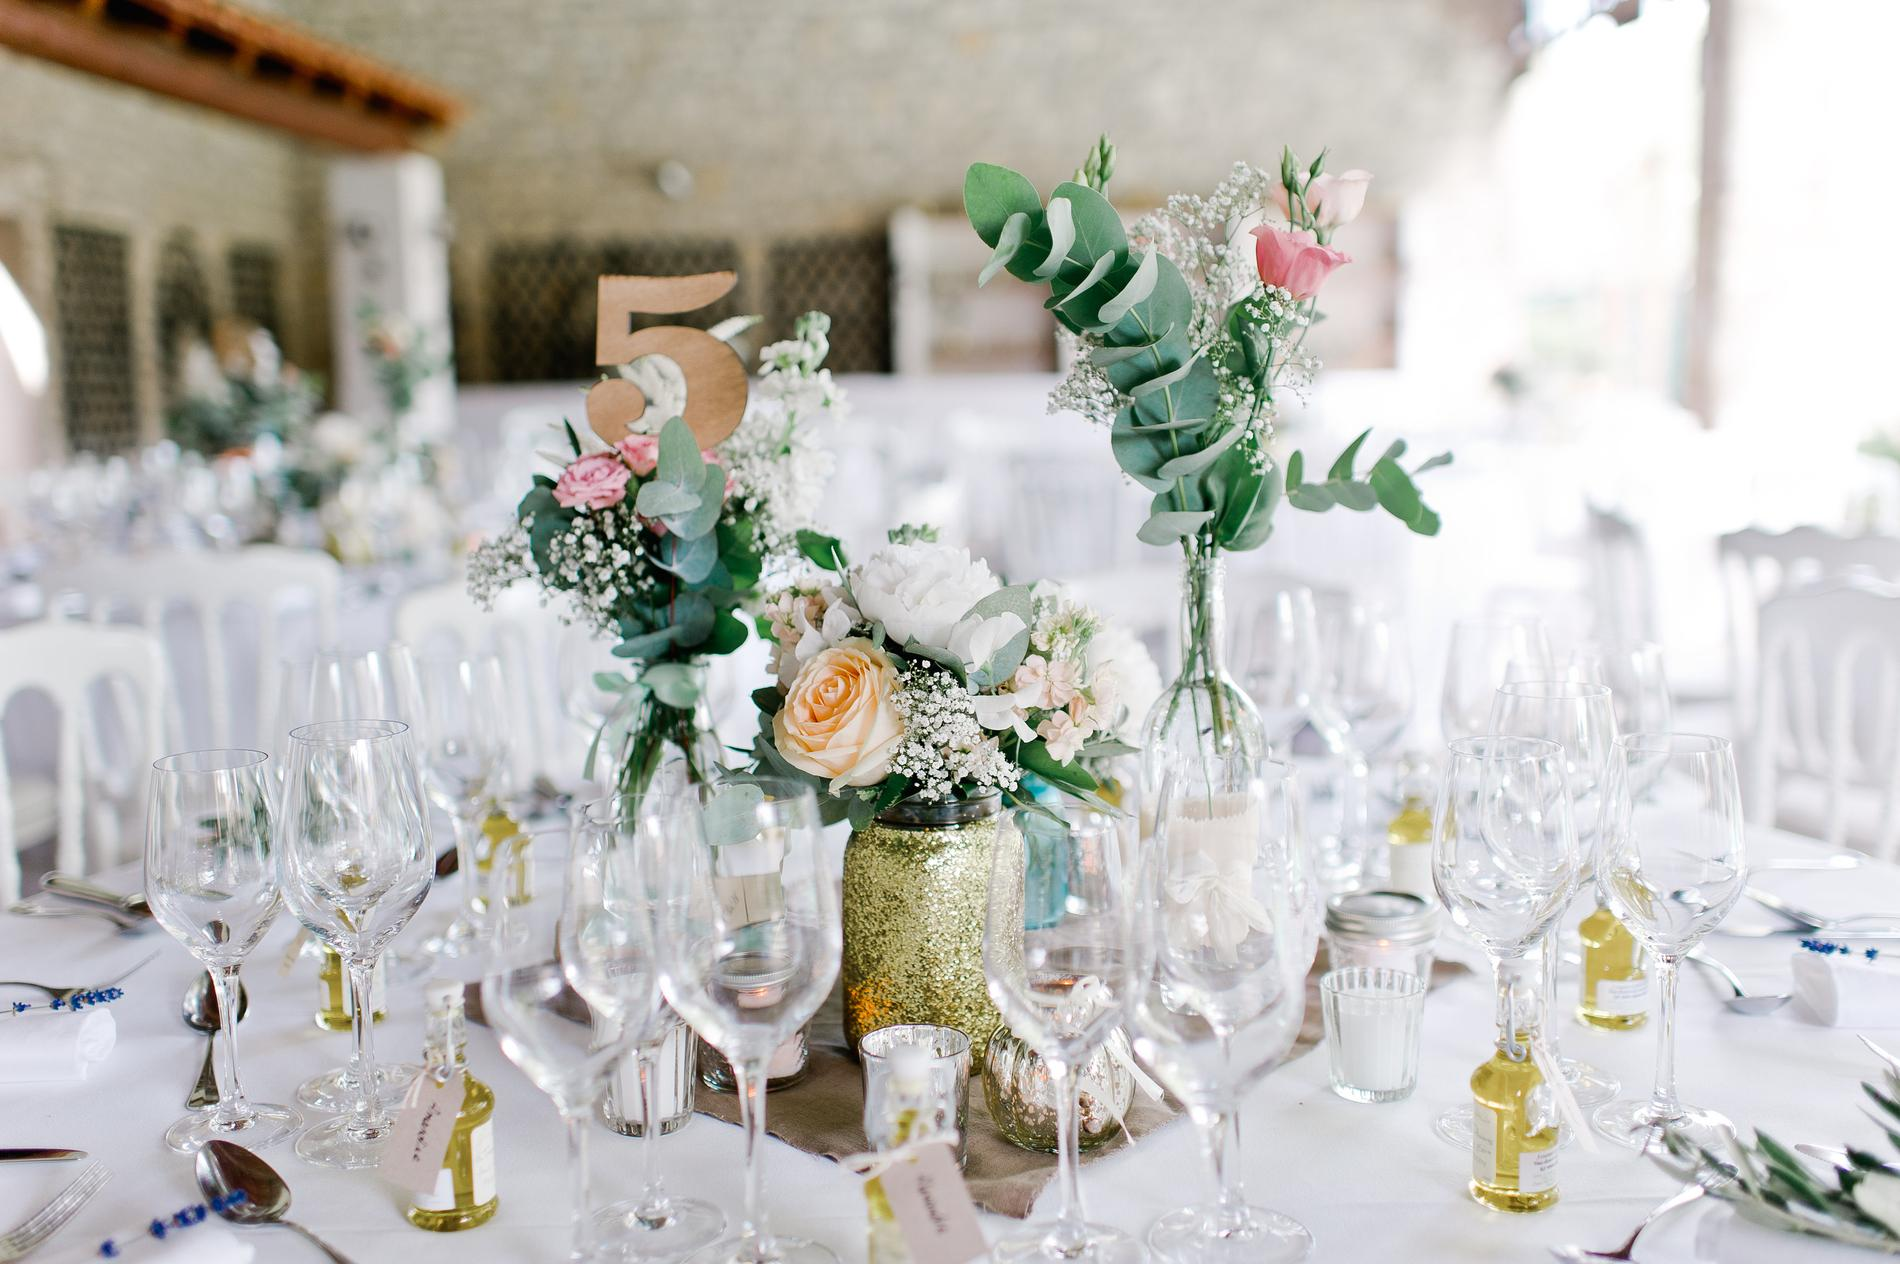 6 organiser l espace for Decoration de mariage